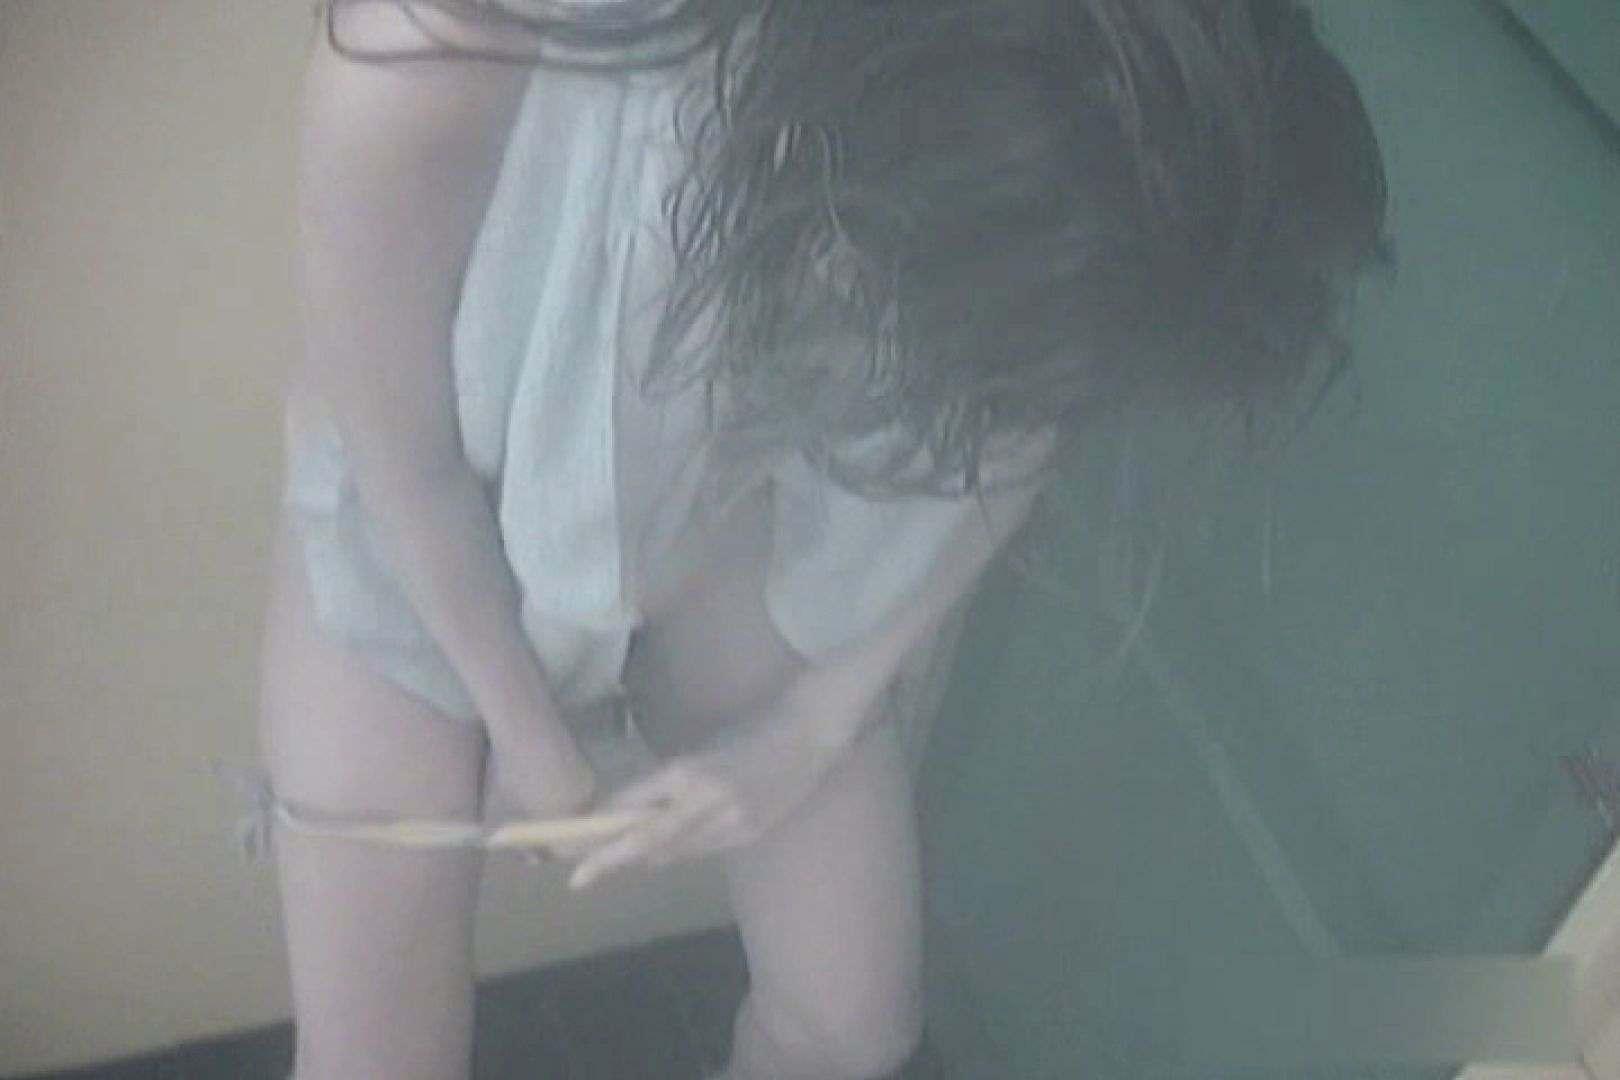 夏海シャワー室!ベトベトお肌をサラサラに!VOL.07 シャワー室 | 着替え  76PIX 1